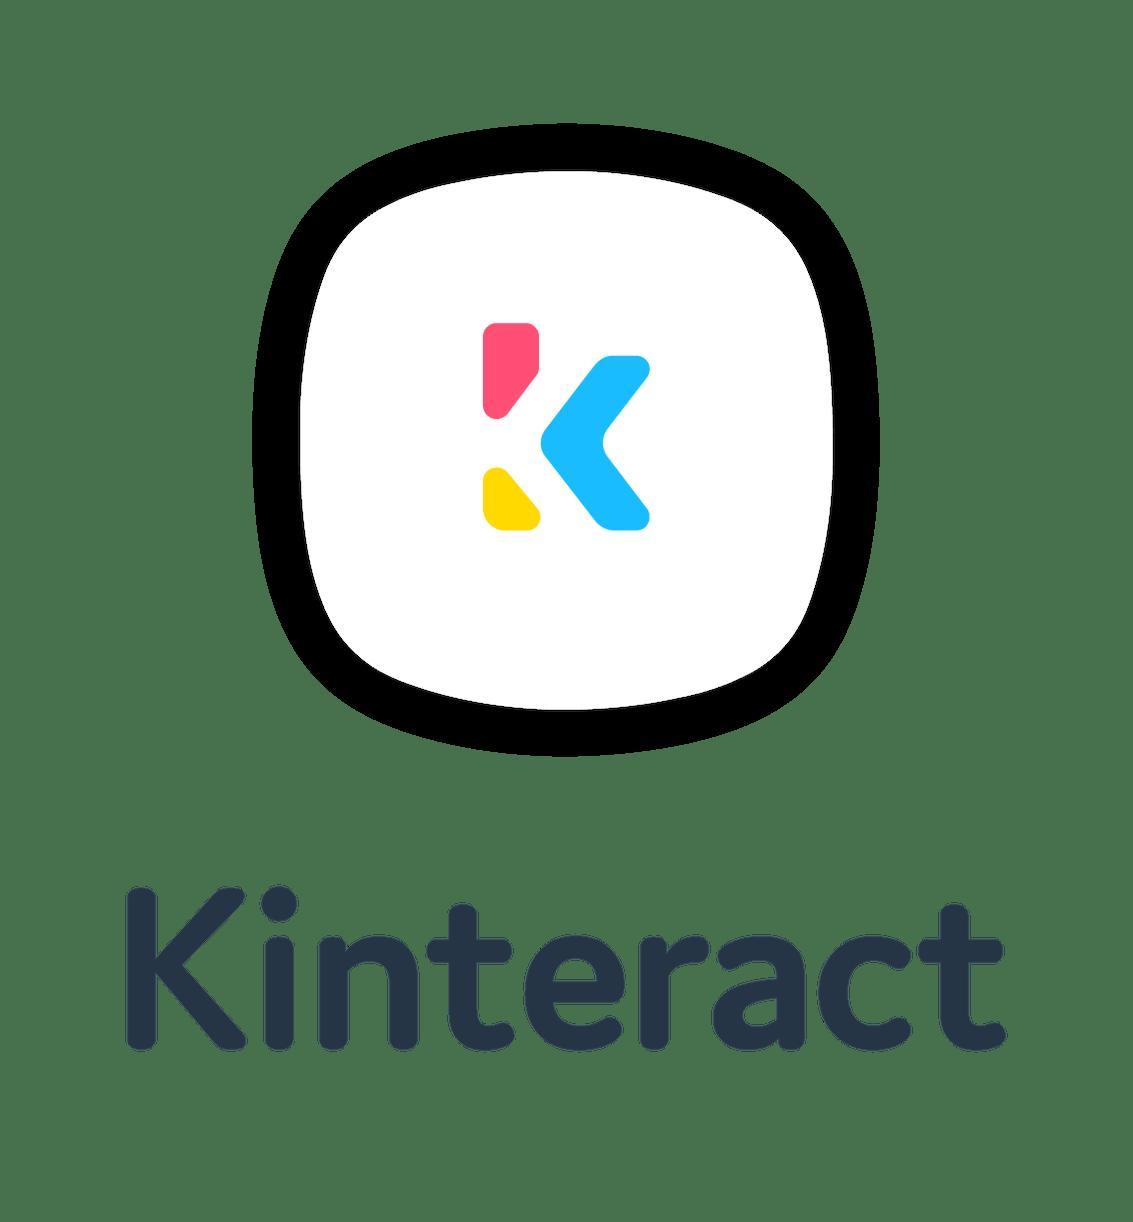 Kinteract